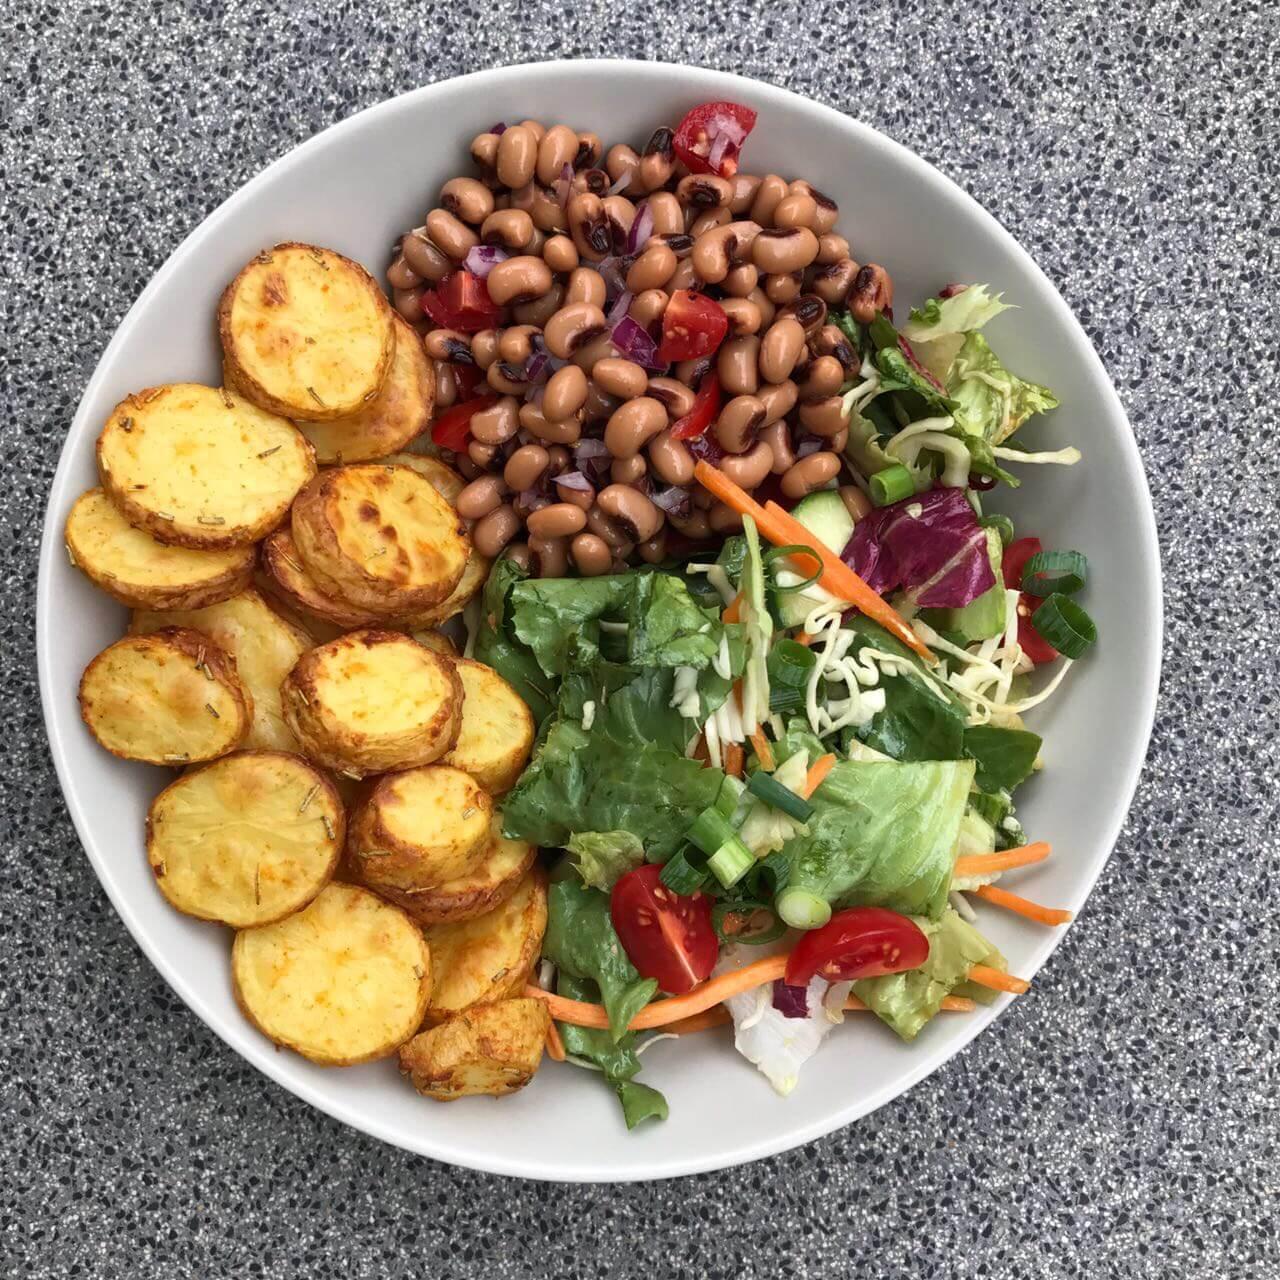 Vegan günstig kochen - 3 Rezepte unter 3 Euro + Tipps fürs ...